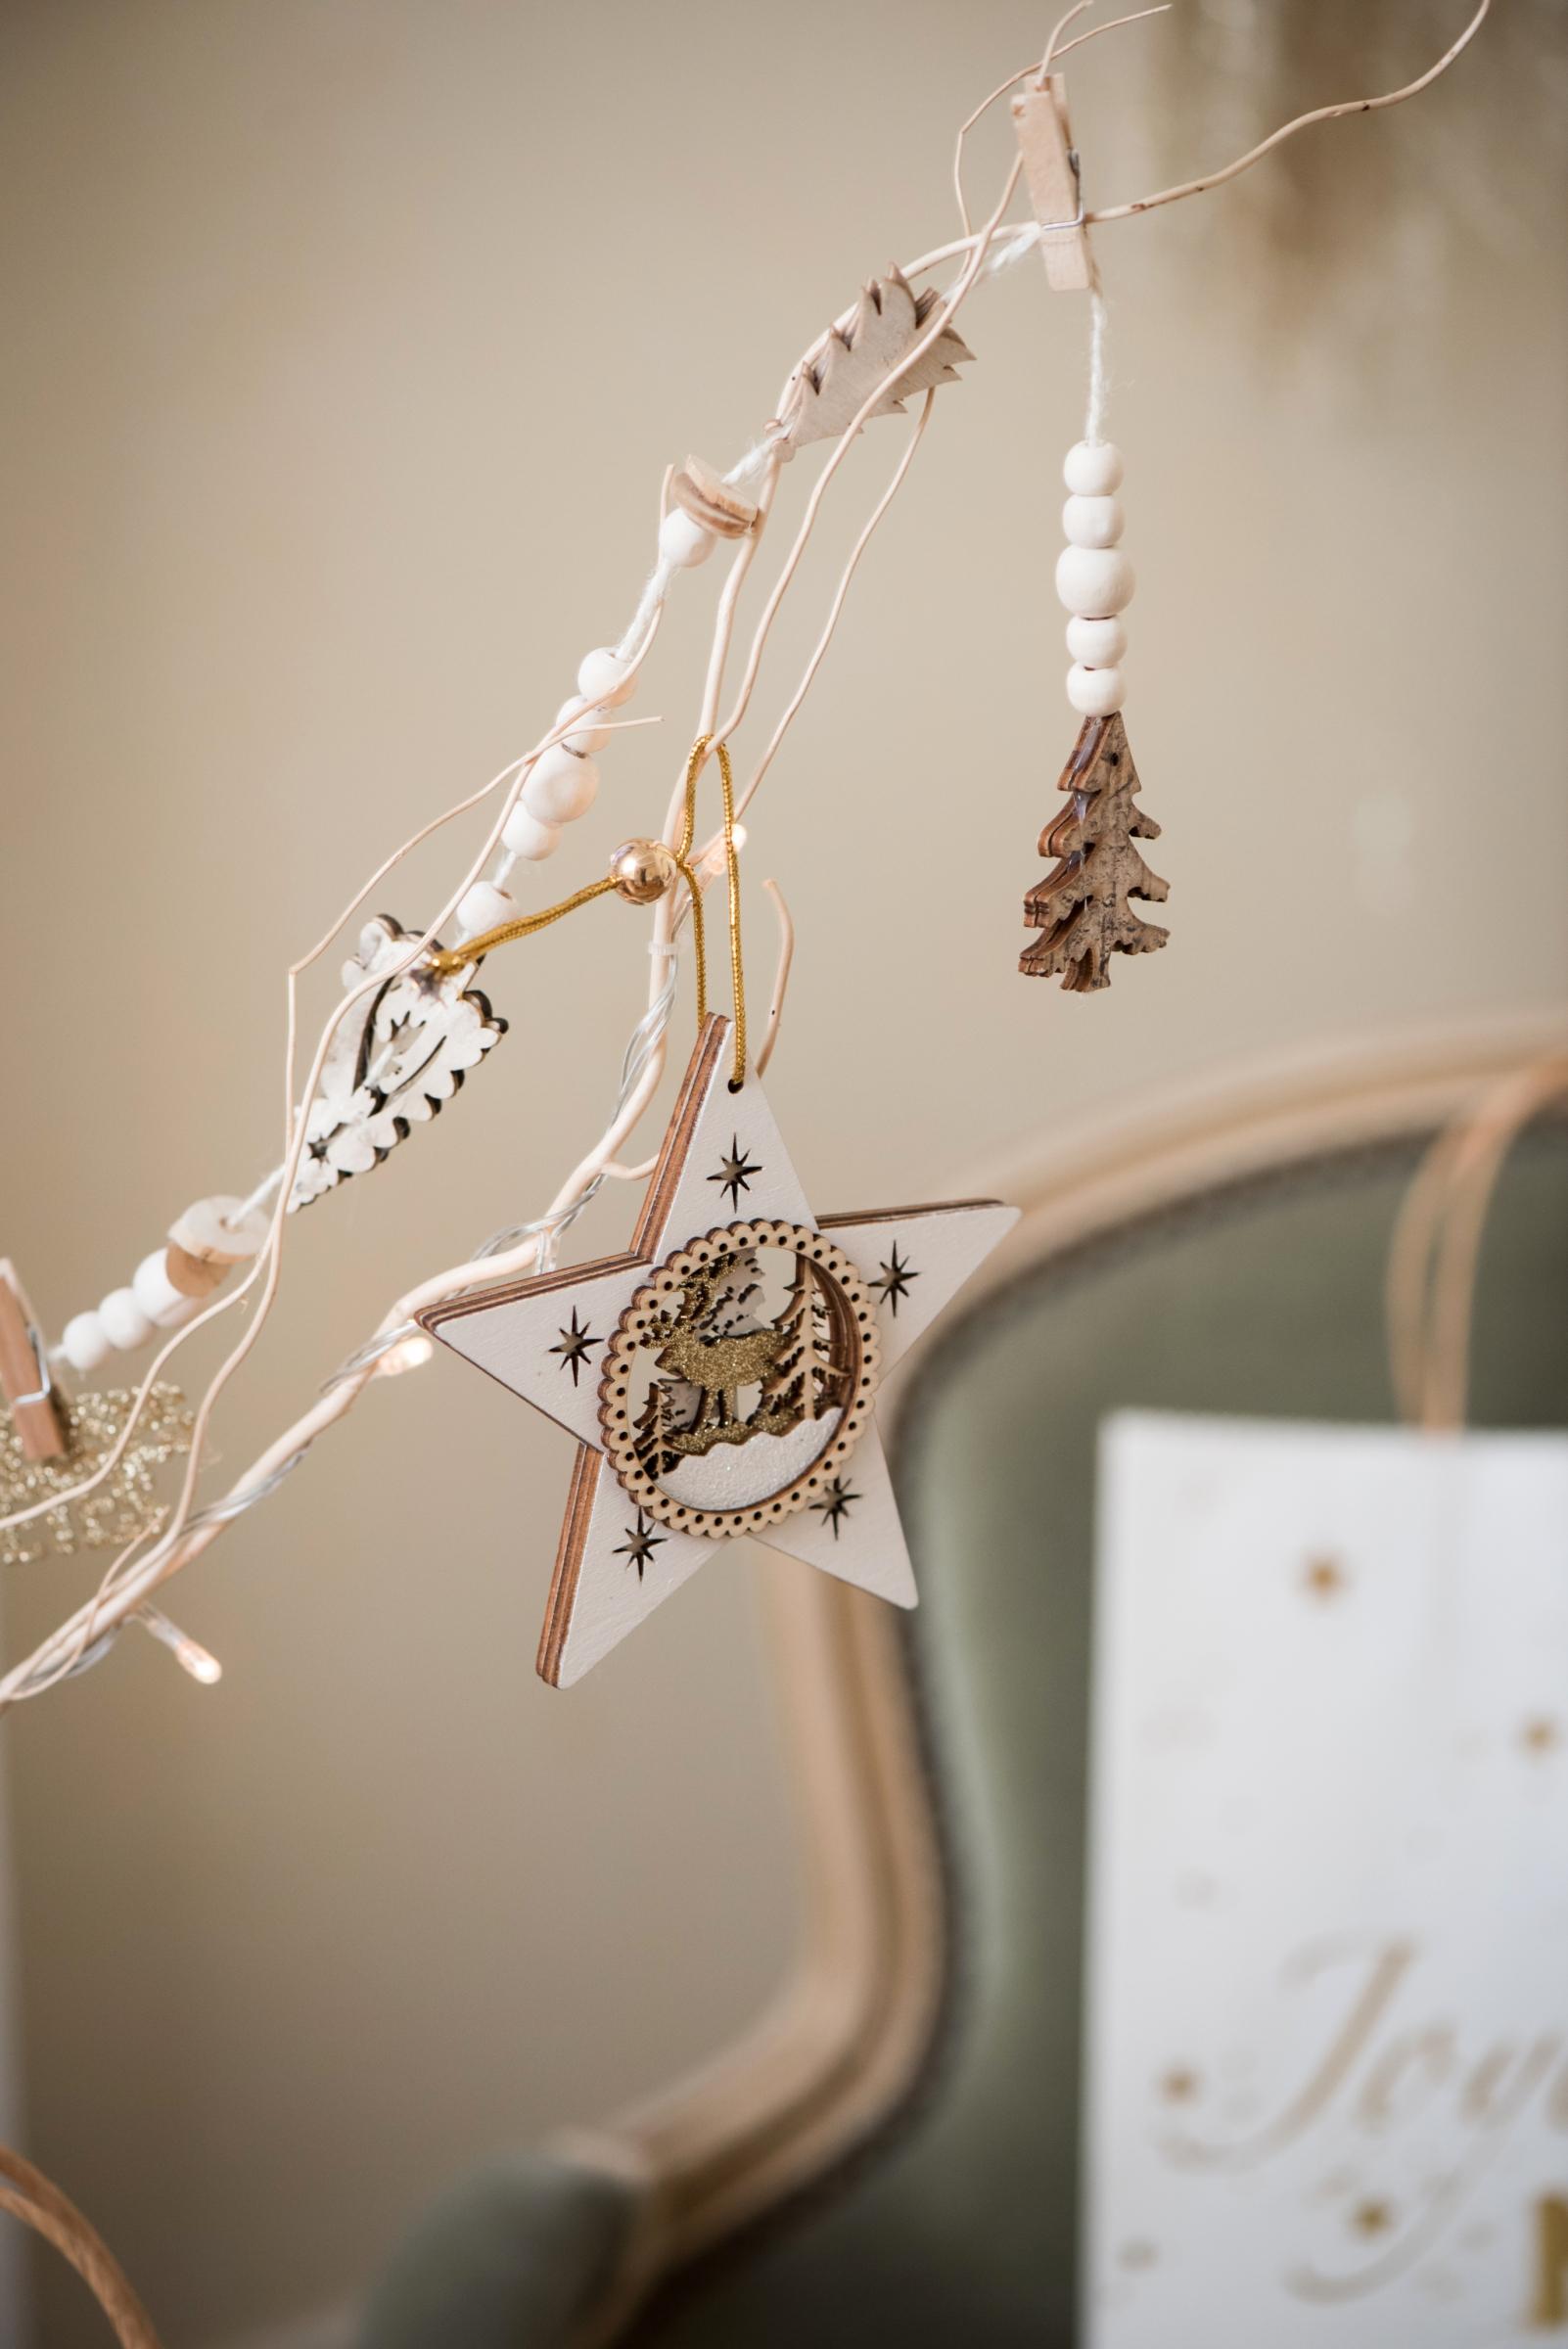 suspension etoile en bois blanc 11 cm d coration anniversaire et f tes th me sur vegaoo party. Black Bedroom Furniture Sets. Home Design Ideas